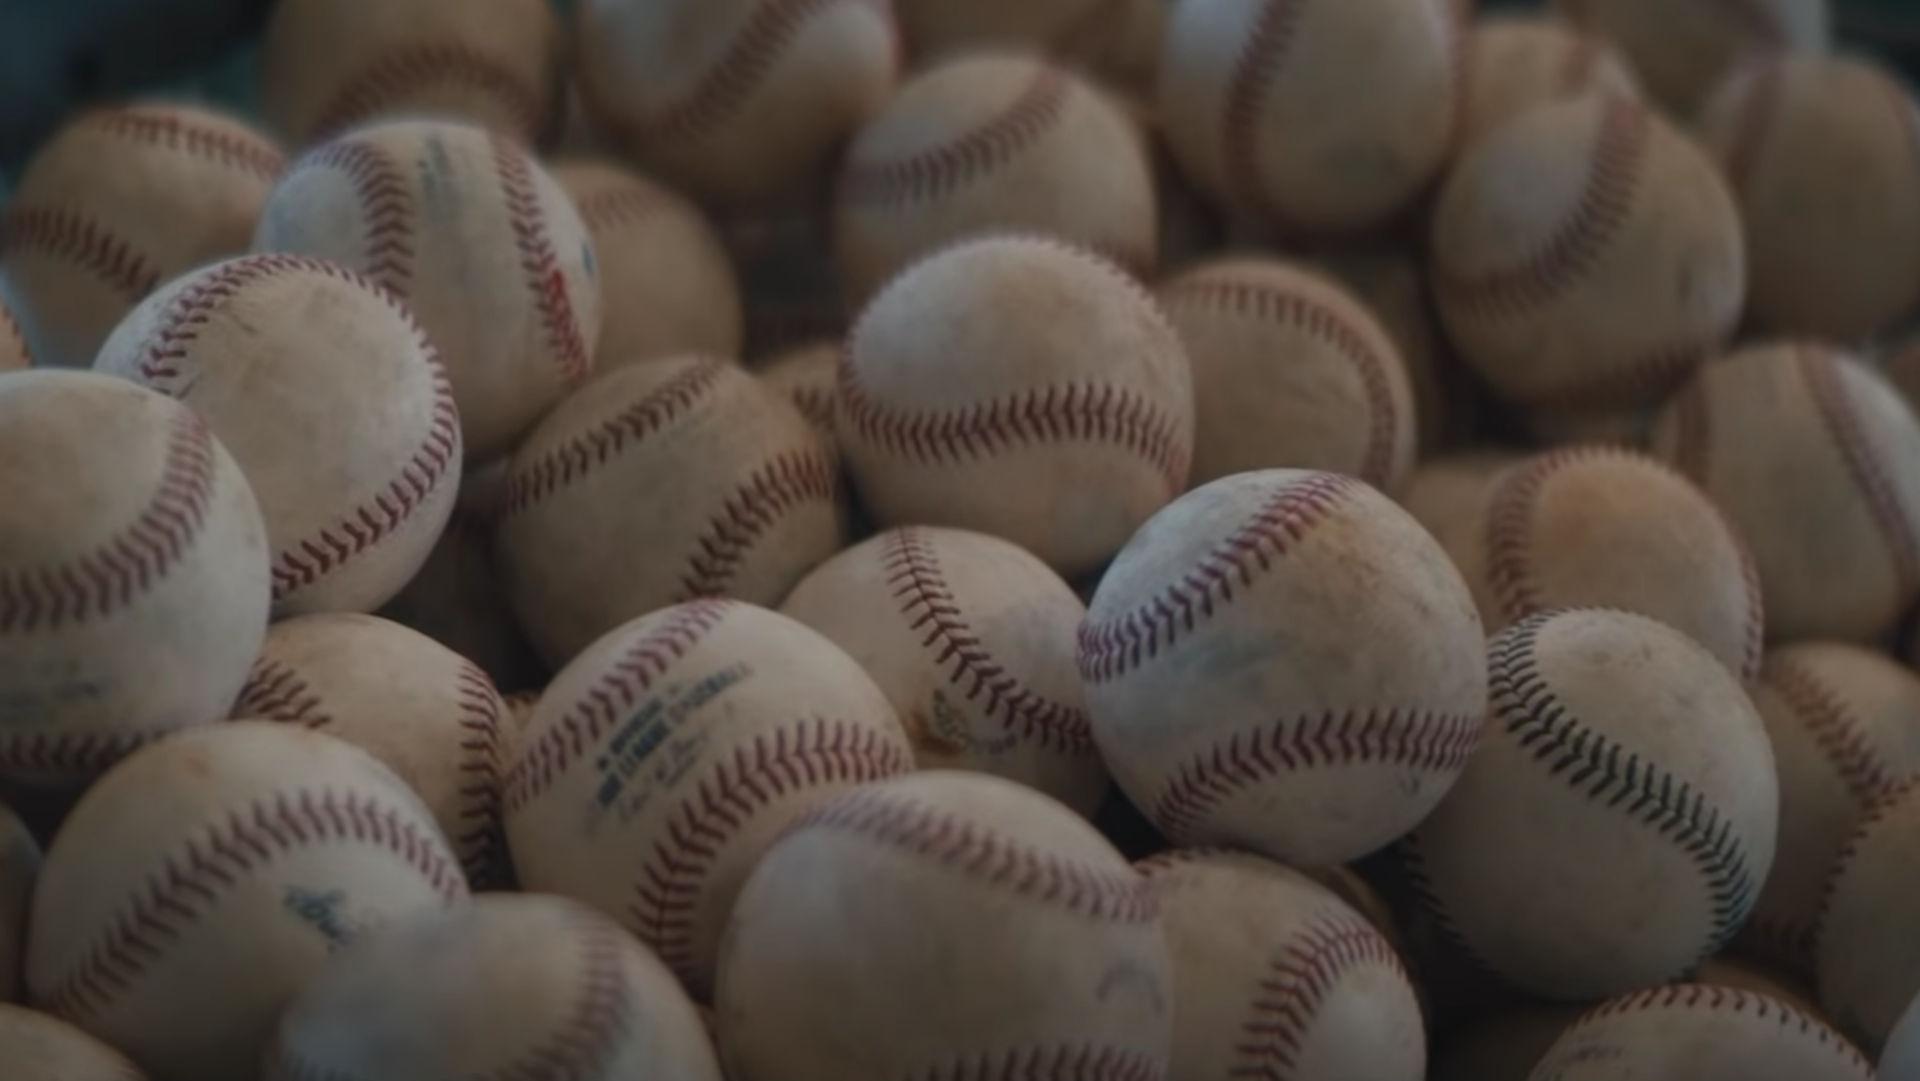 Off Season video image—a pile of baseballs.